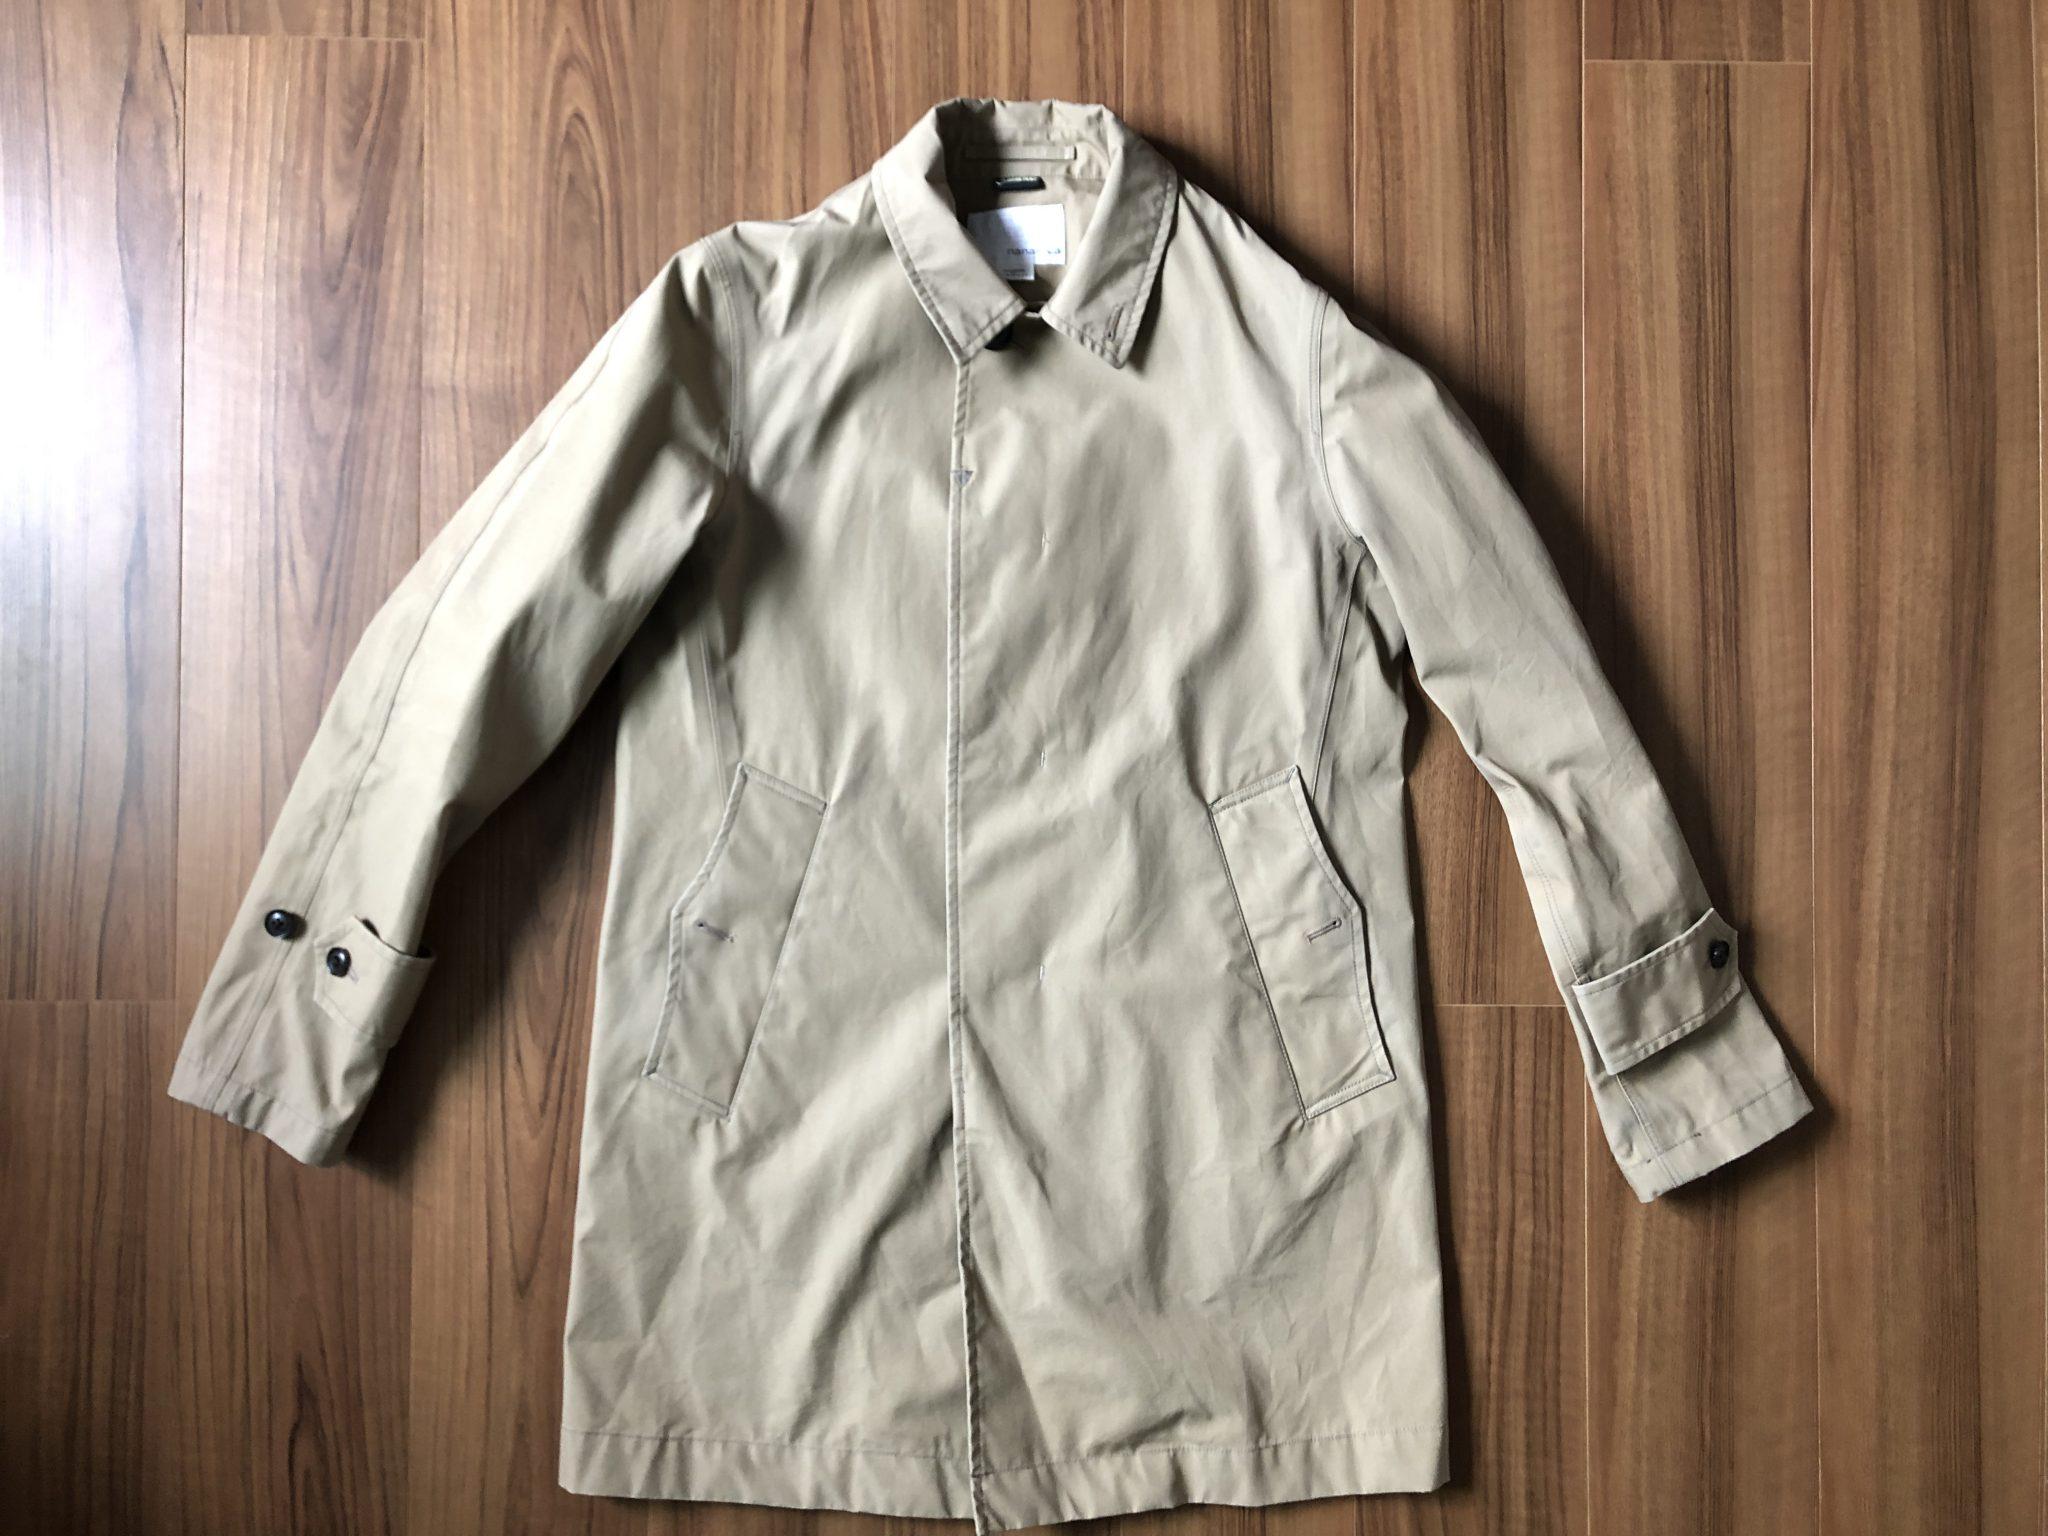 ナナミカ コットンゴアテックス nanamica GORE-TEX クルーザージャケット エイジング 経年変化 ステンカラーコート ベージュ 半年 全体観